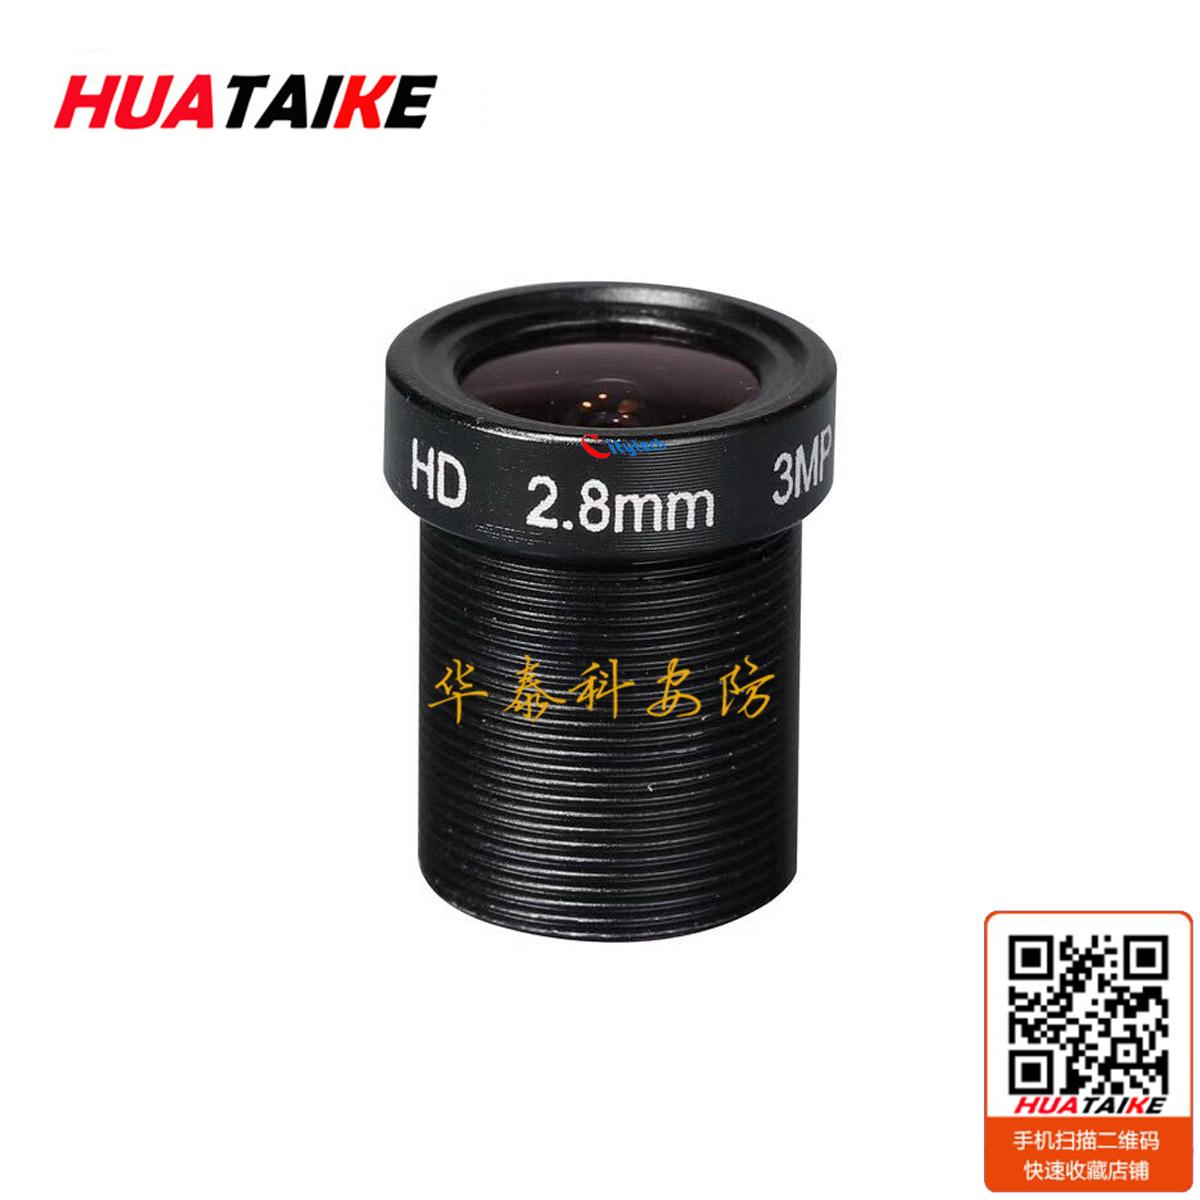 Оборудование для камер наблюдения Артикул 9287325933